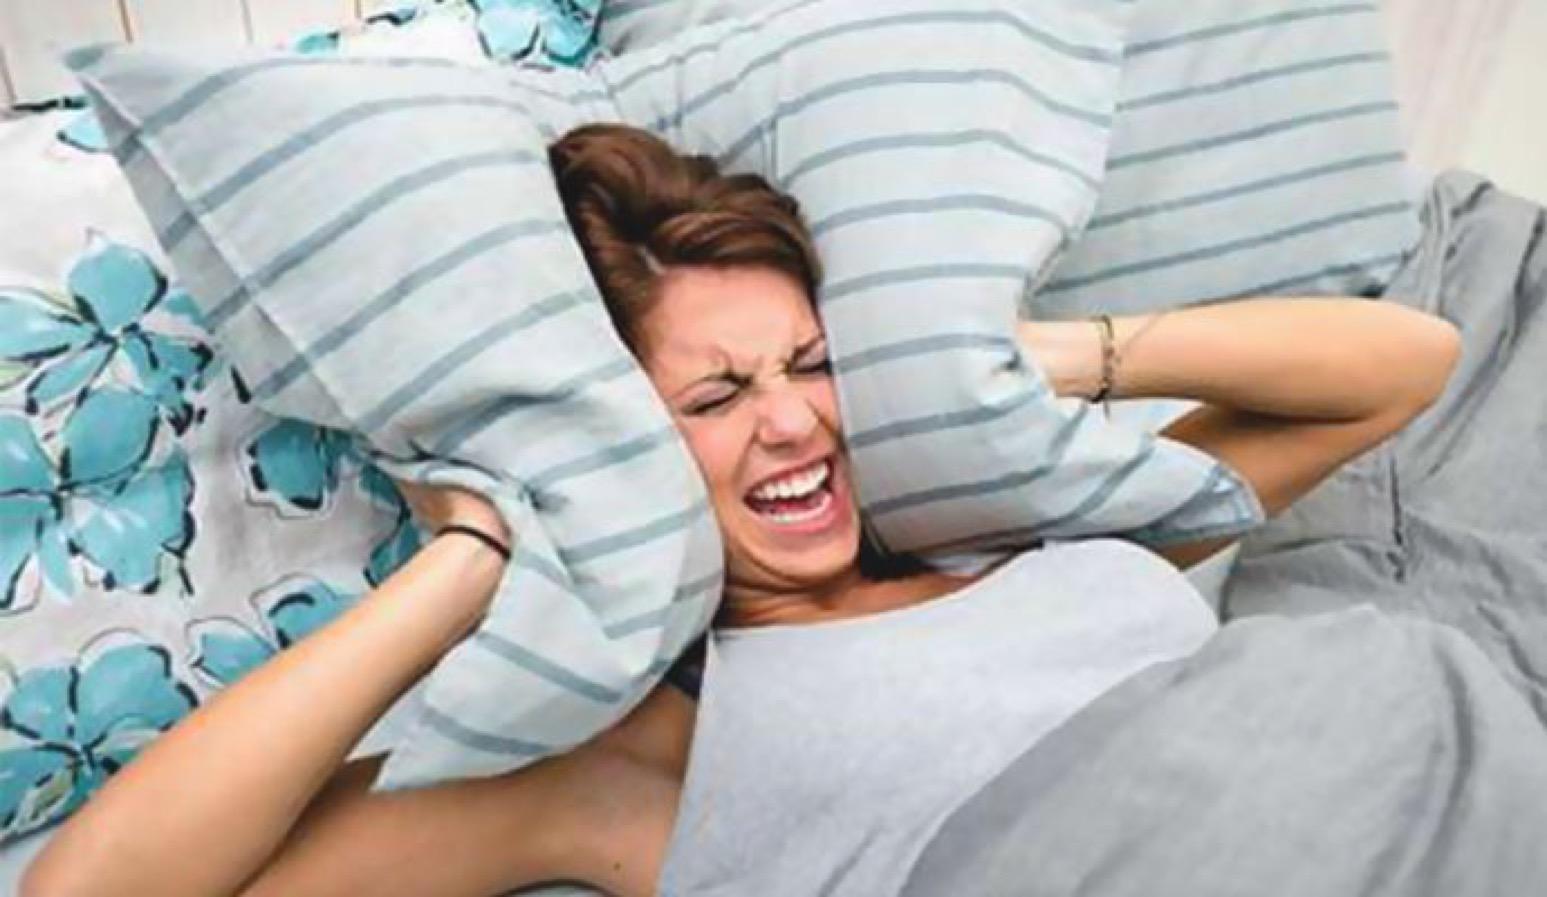 导致失眠的环境因素有哪些?